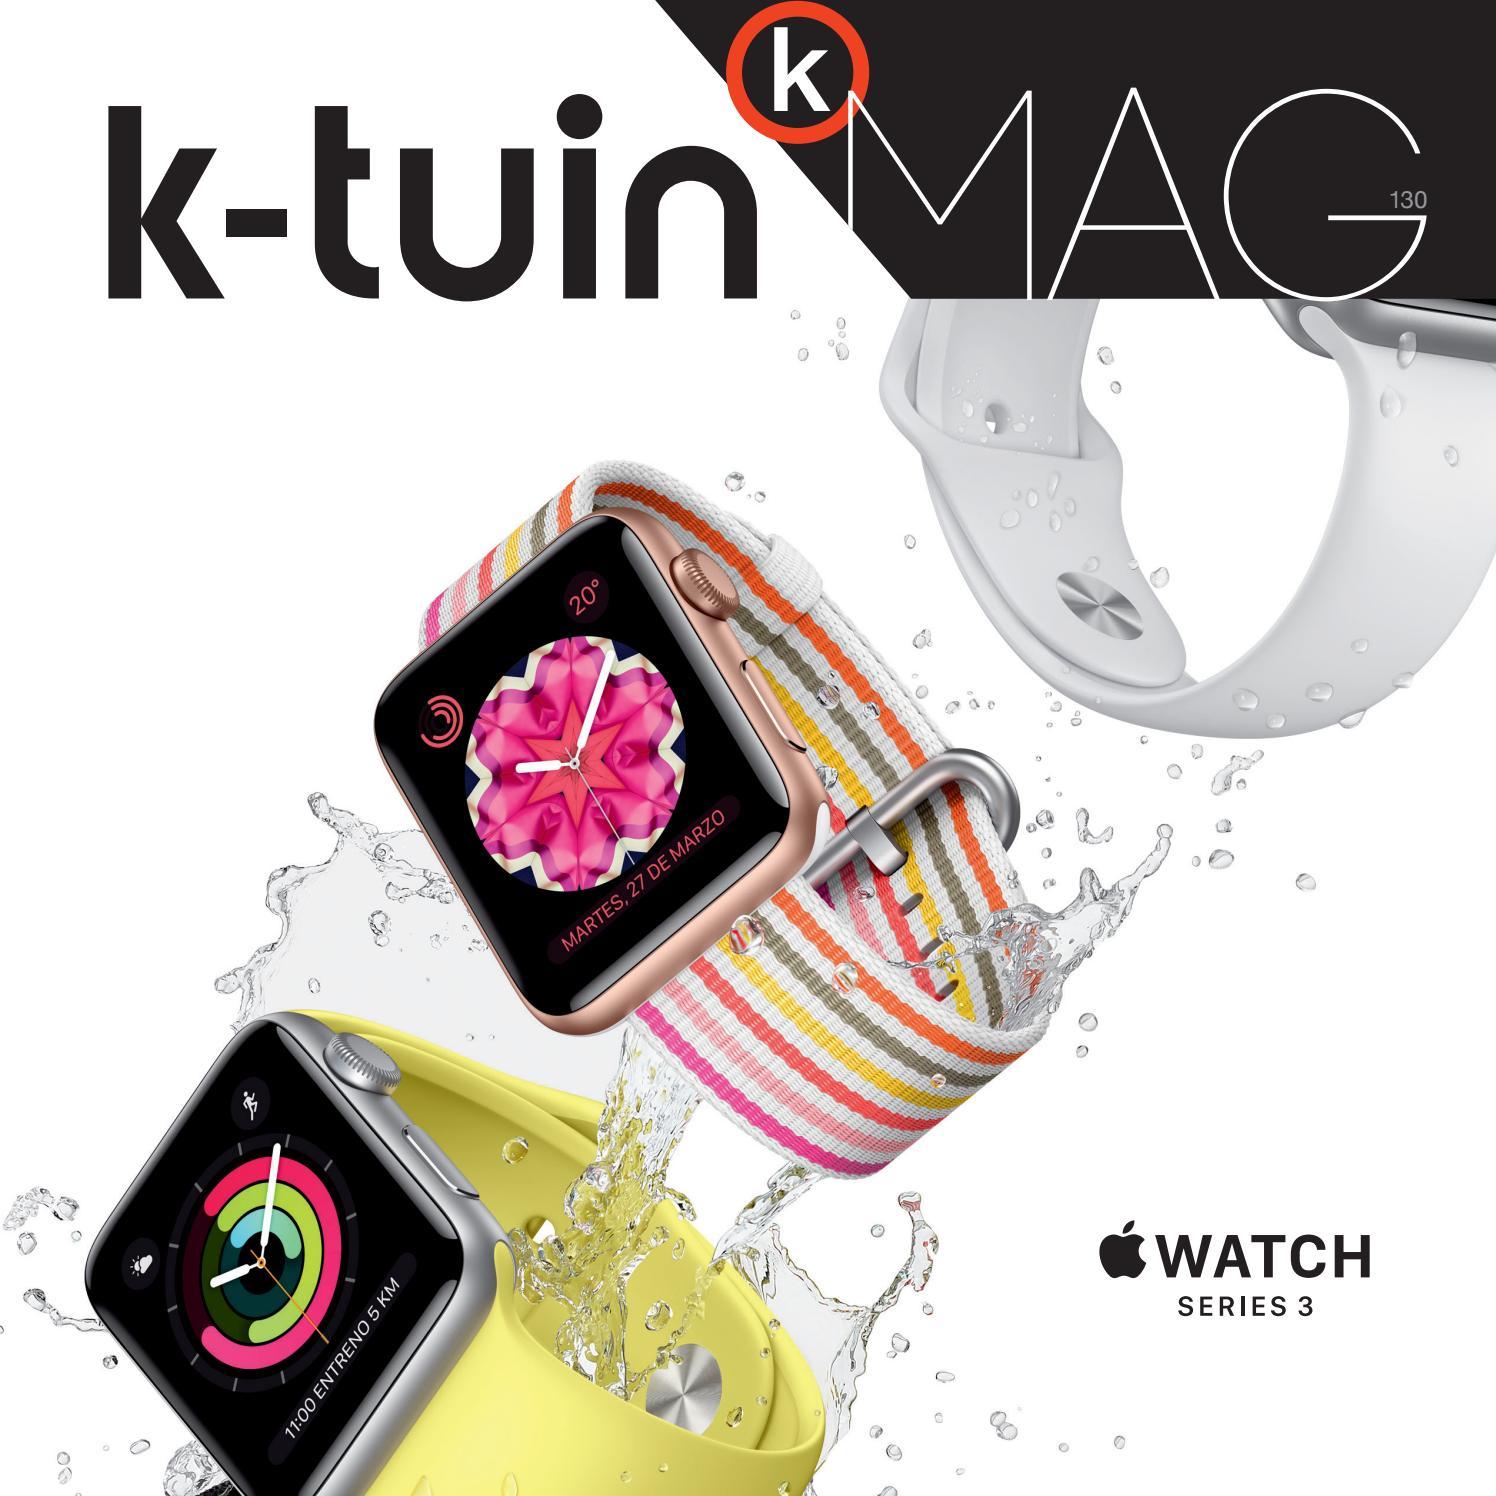 Funda para iPhone 11 Pro con Silicona Rojo de Puro K-tuin